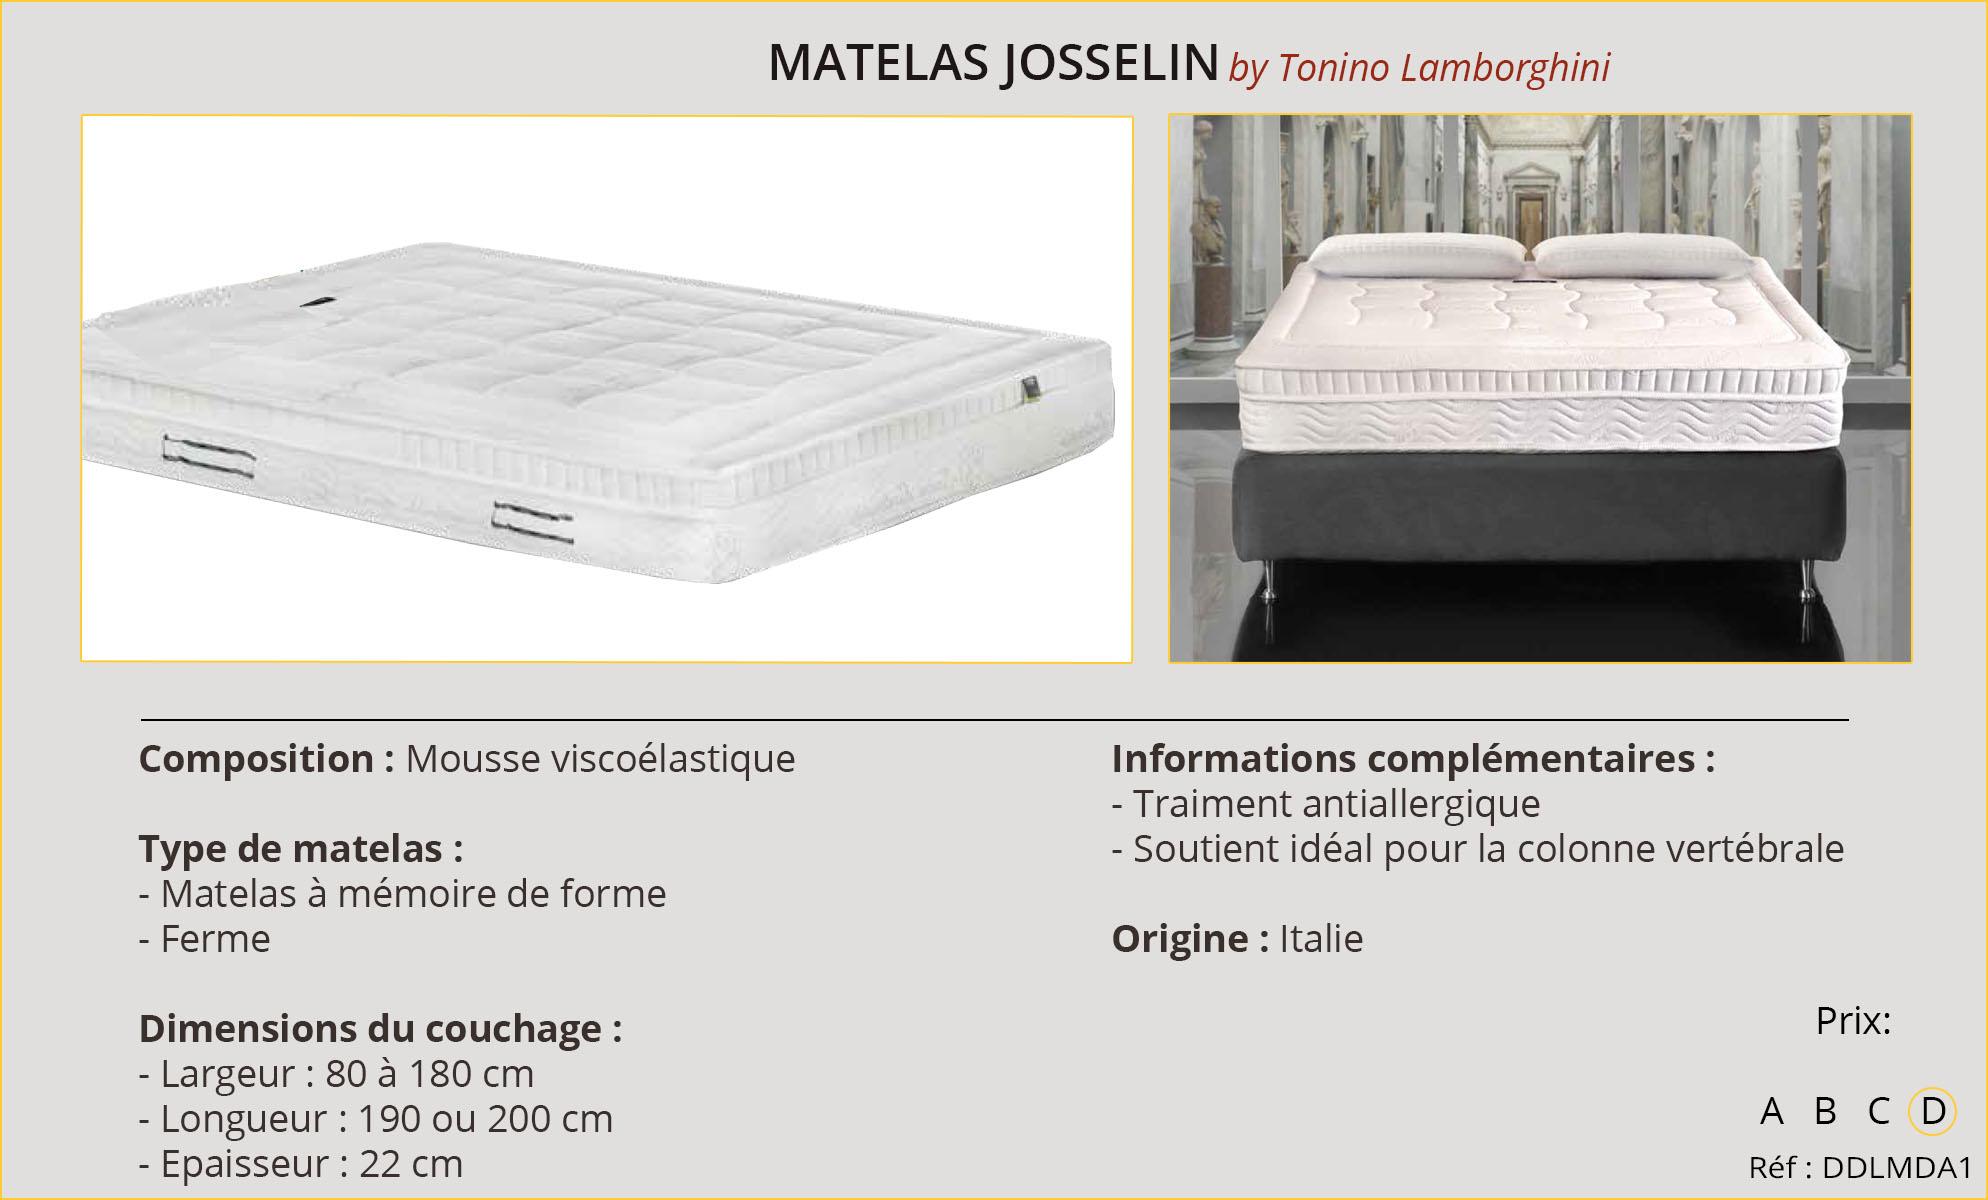 Rideaux-Hôtels Matelas Josselin